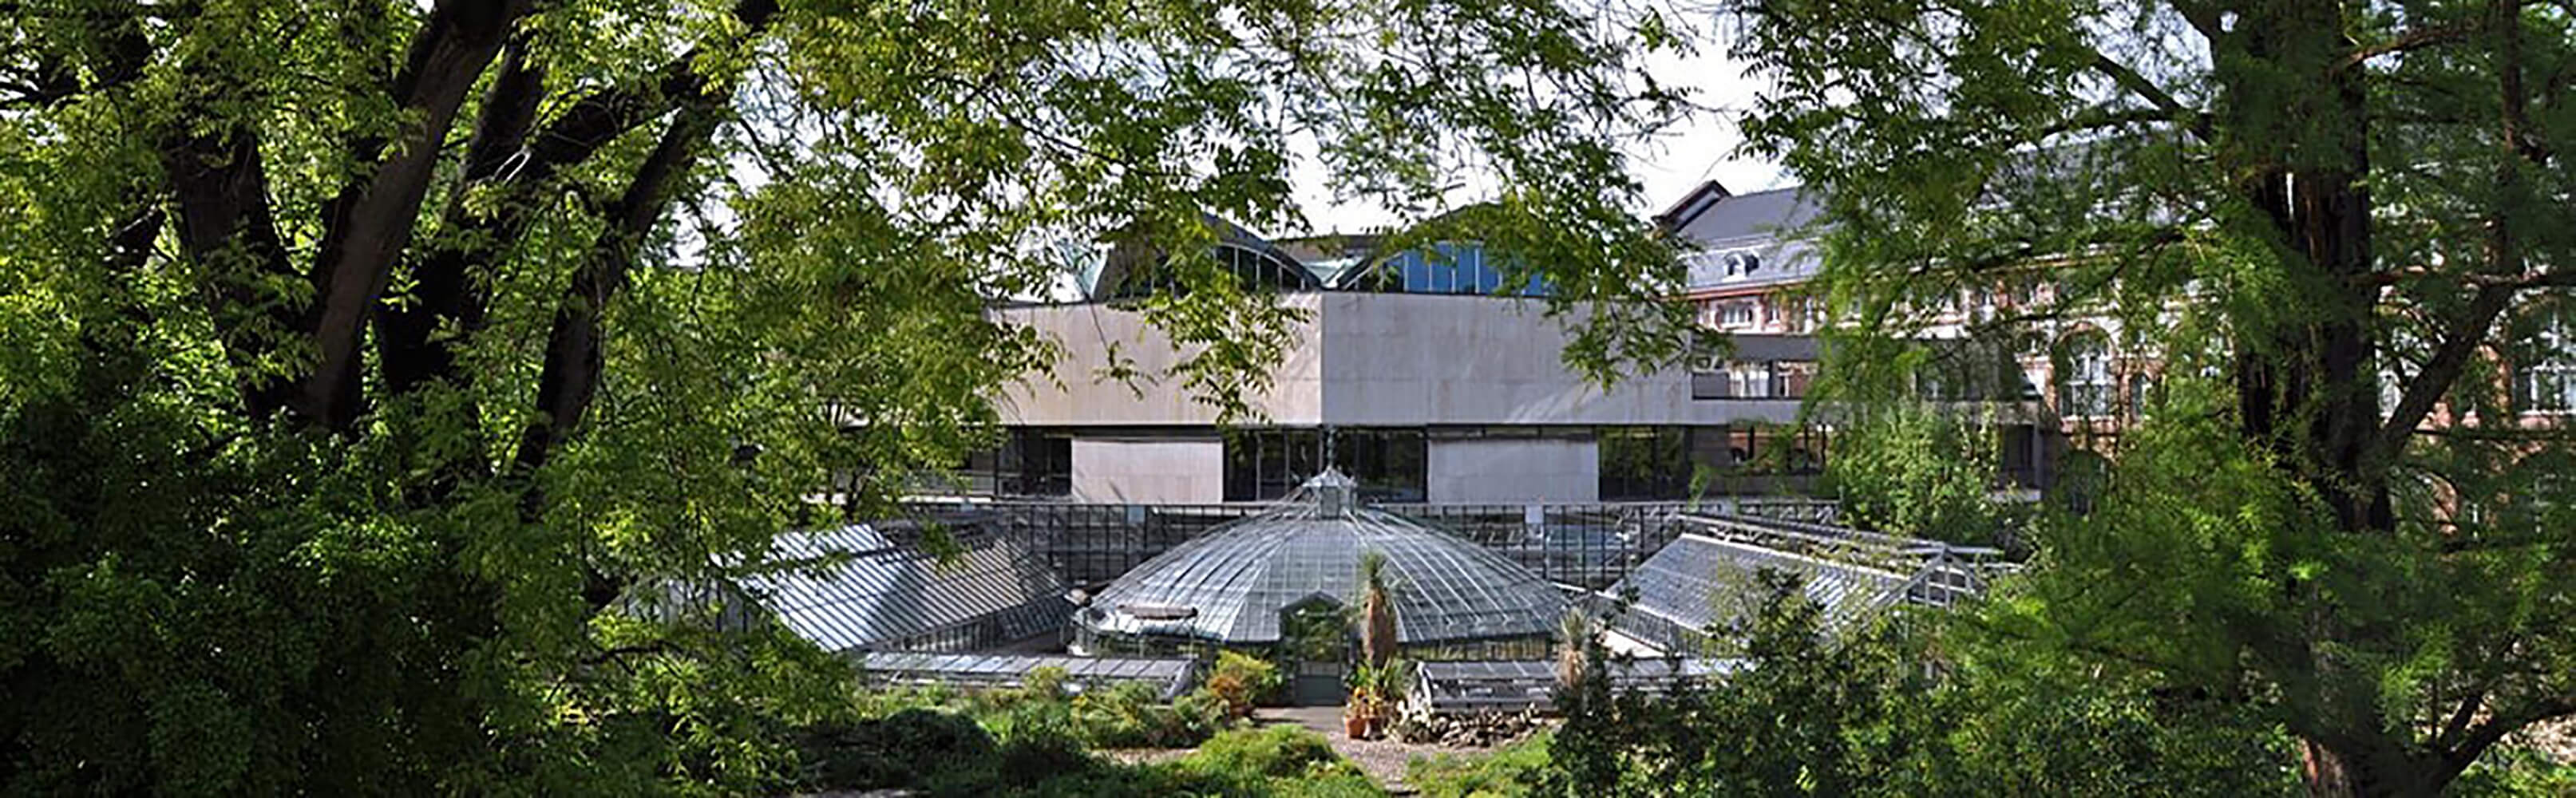 Botanischer Garten der Universität Basel 1